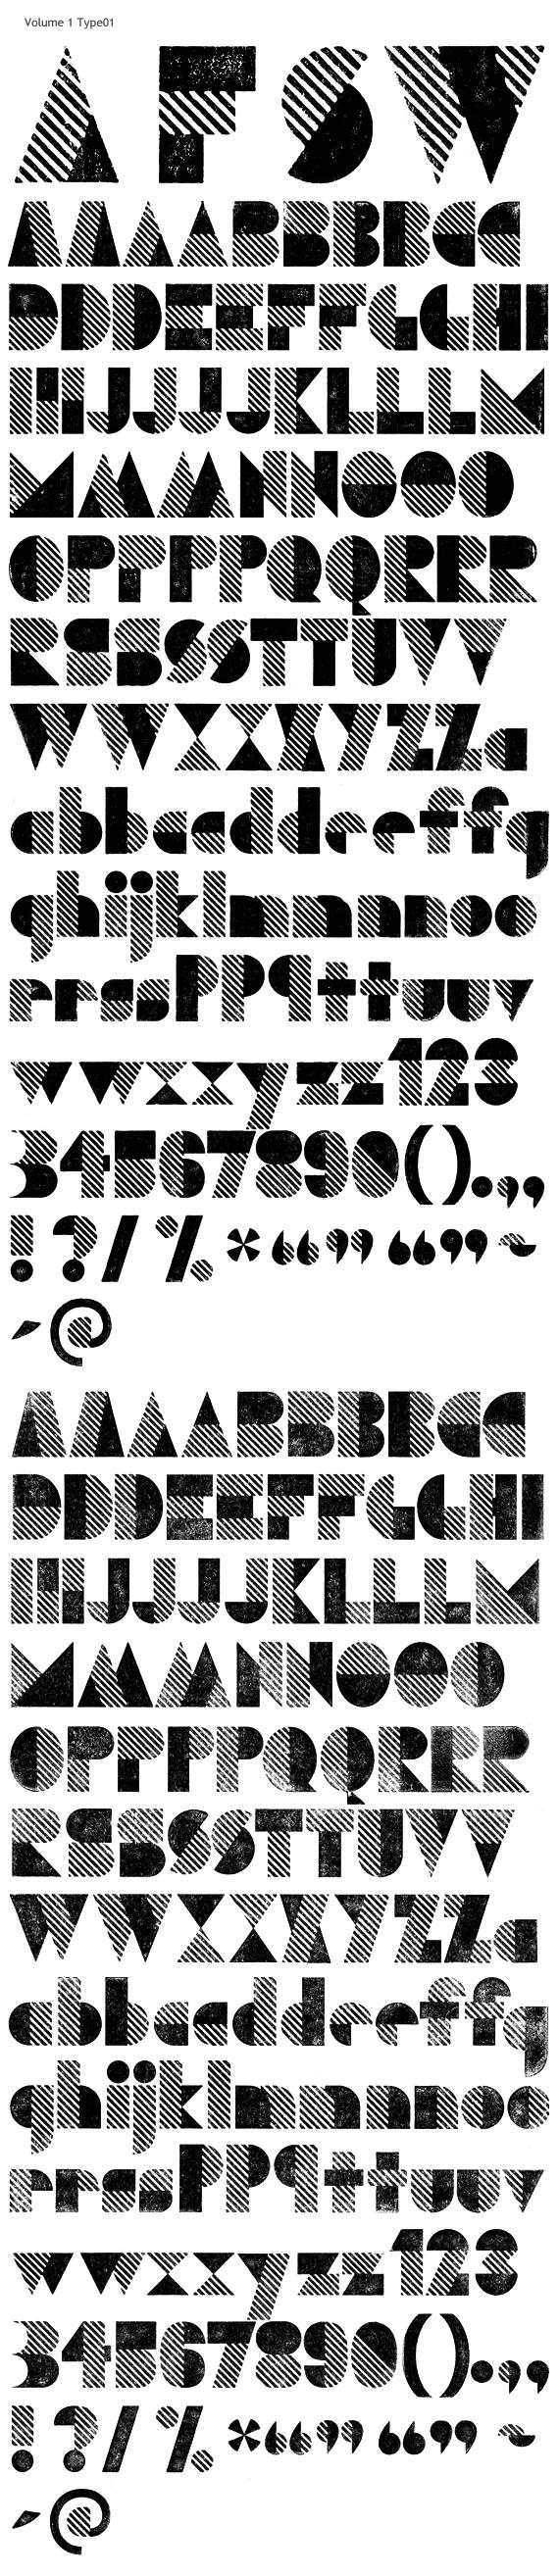 T 26 Digital Type Foundry   EPS : LetterPress Type